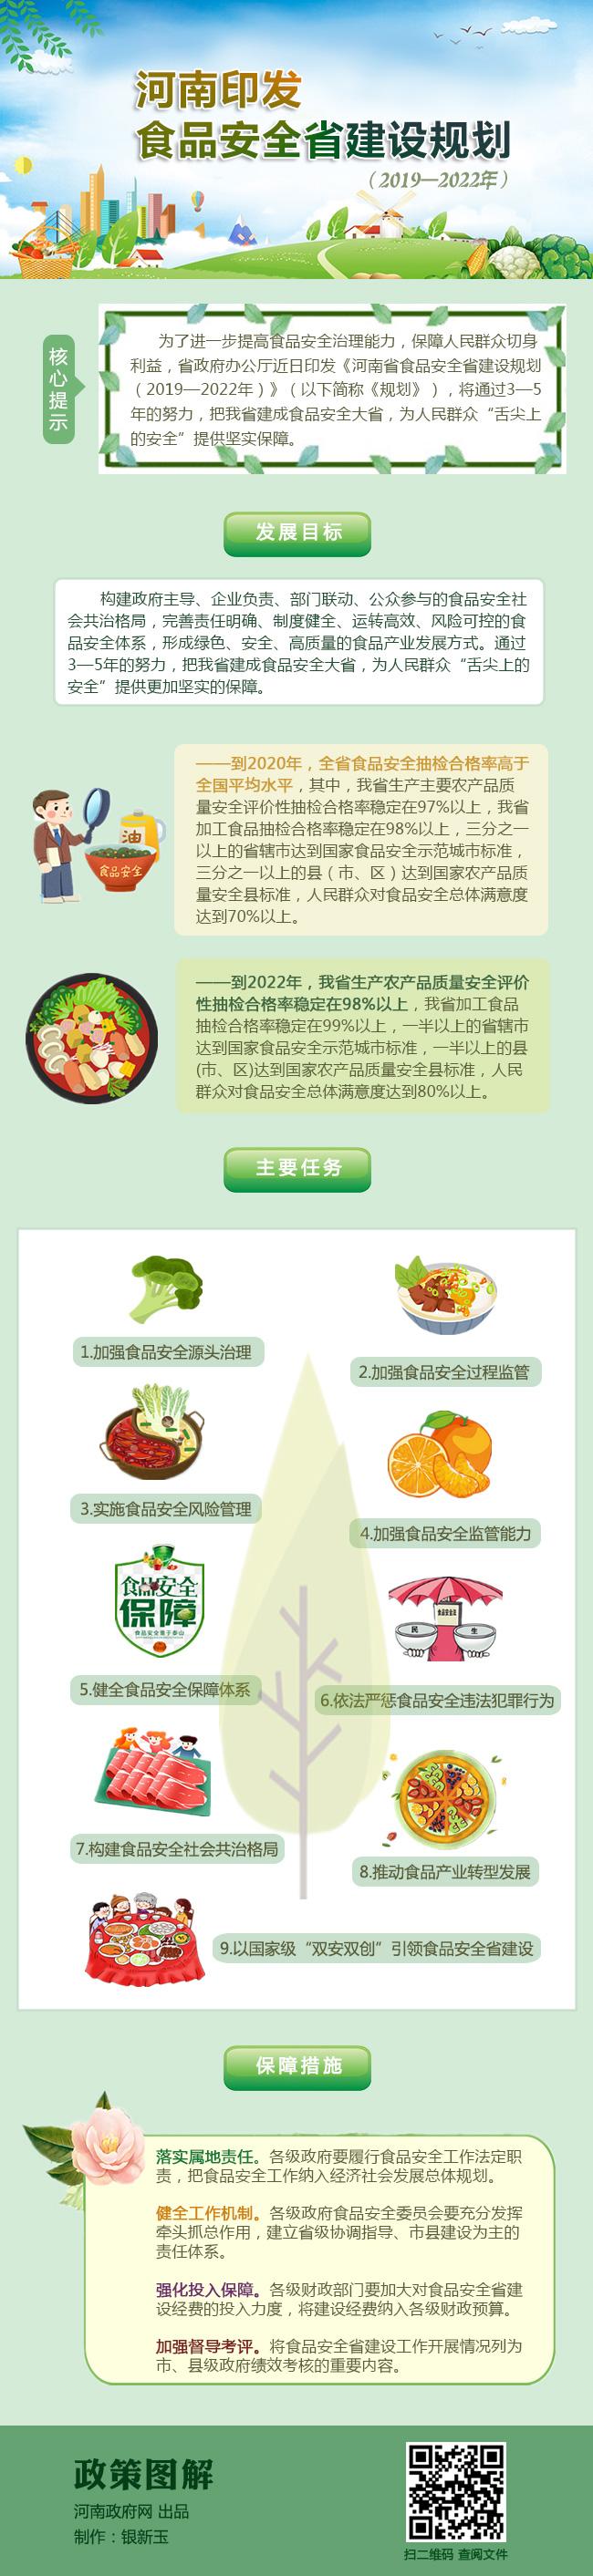 食品安全.jpg